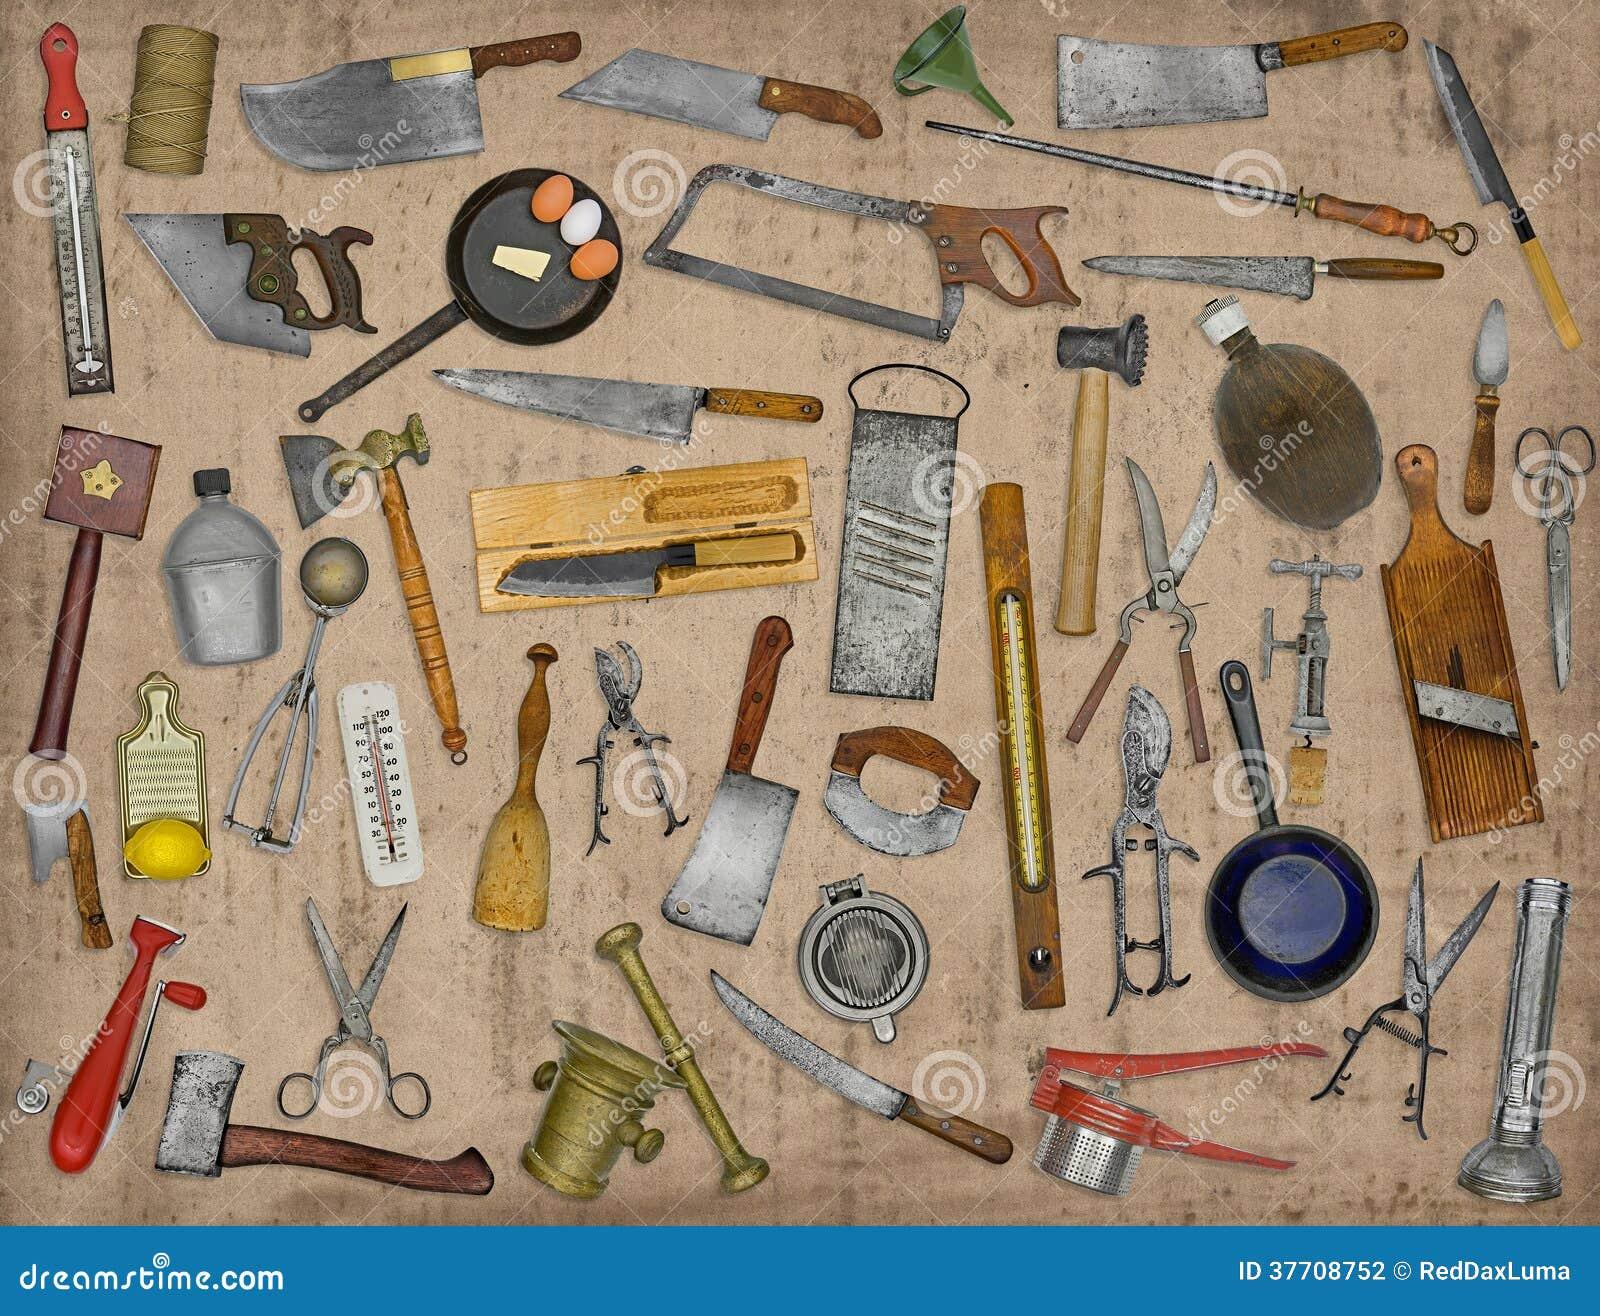 Collage de los utensilios de la cocina del vintage for Utensilios de cocina vintage